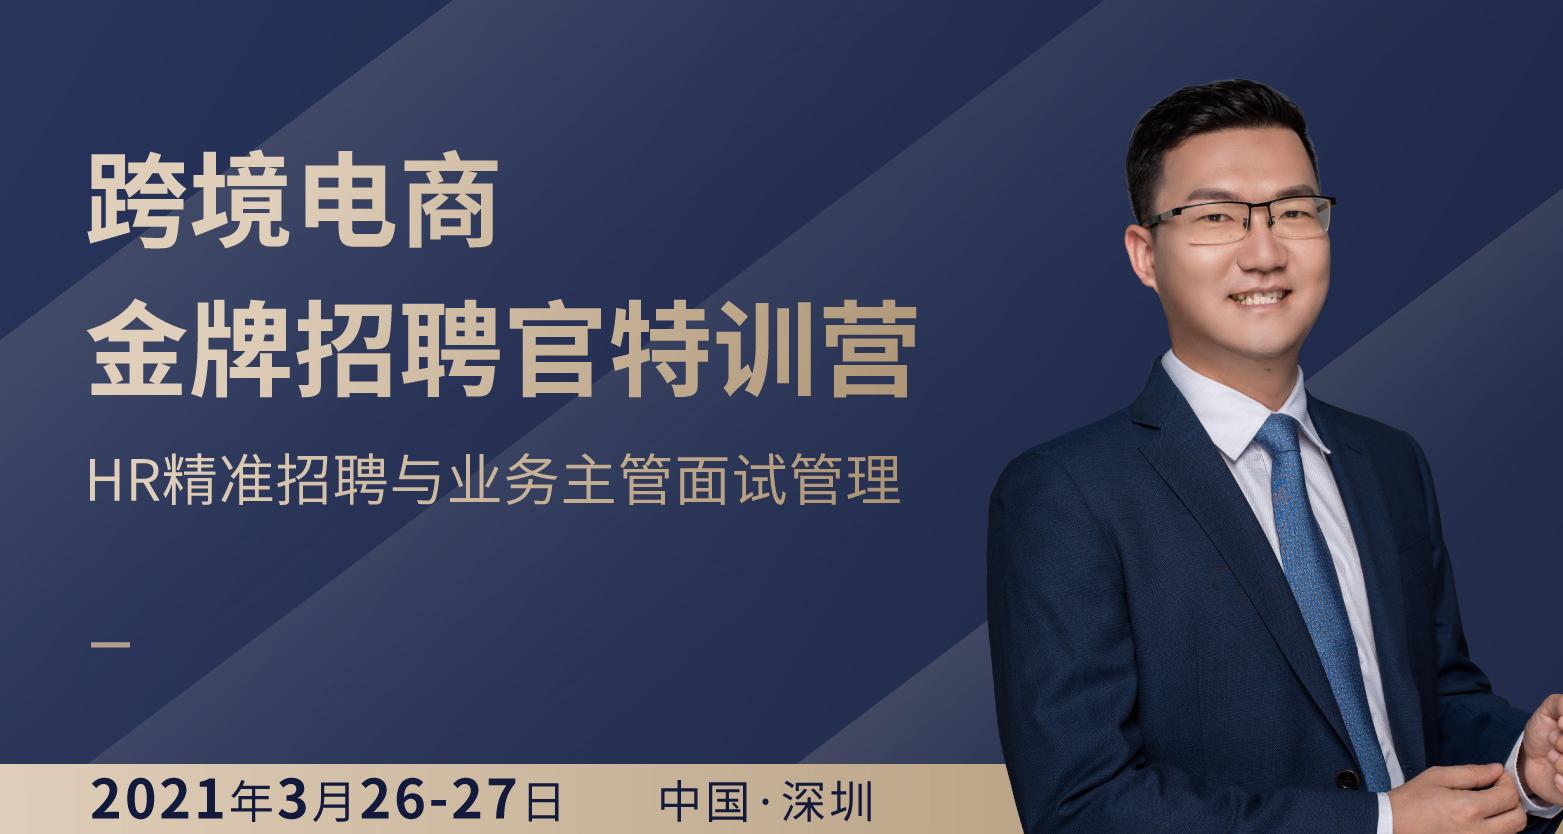 跨境电商金牌招聘官特训营 |  HR精准招聘与业务主管面试管理